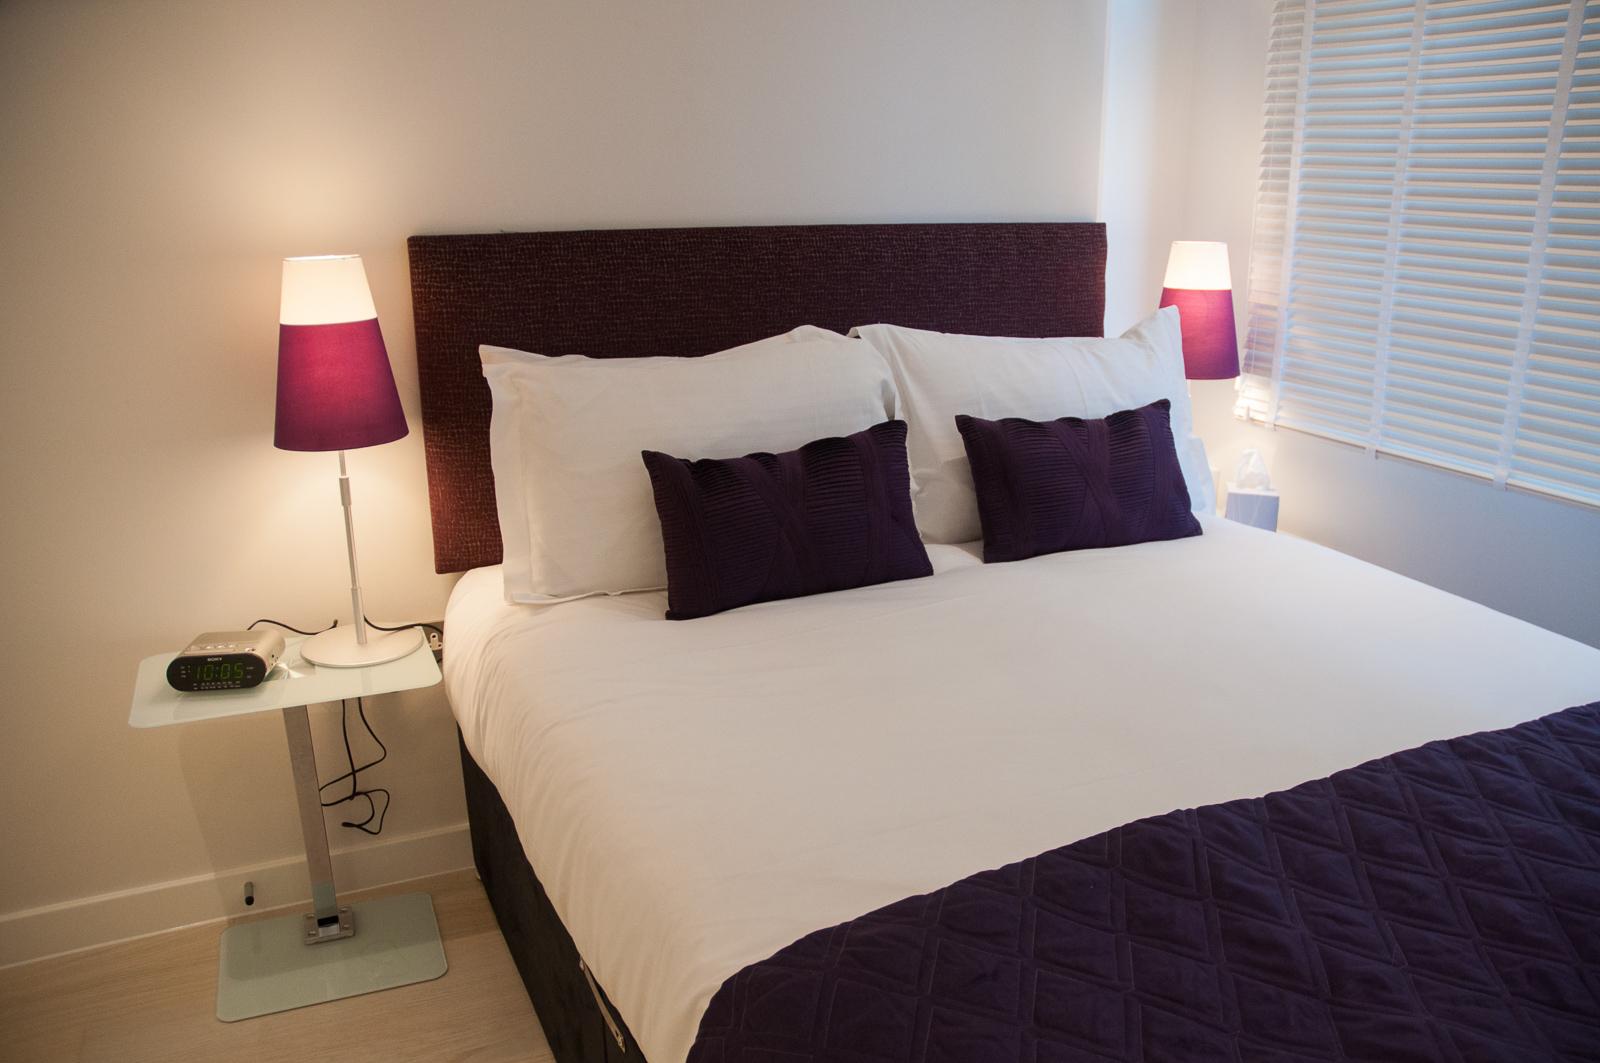 West Street bedroom